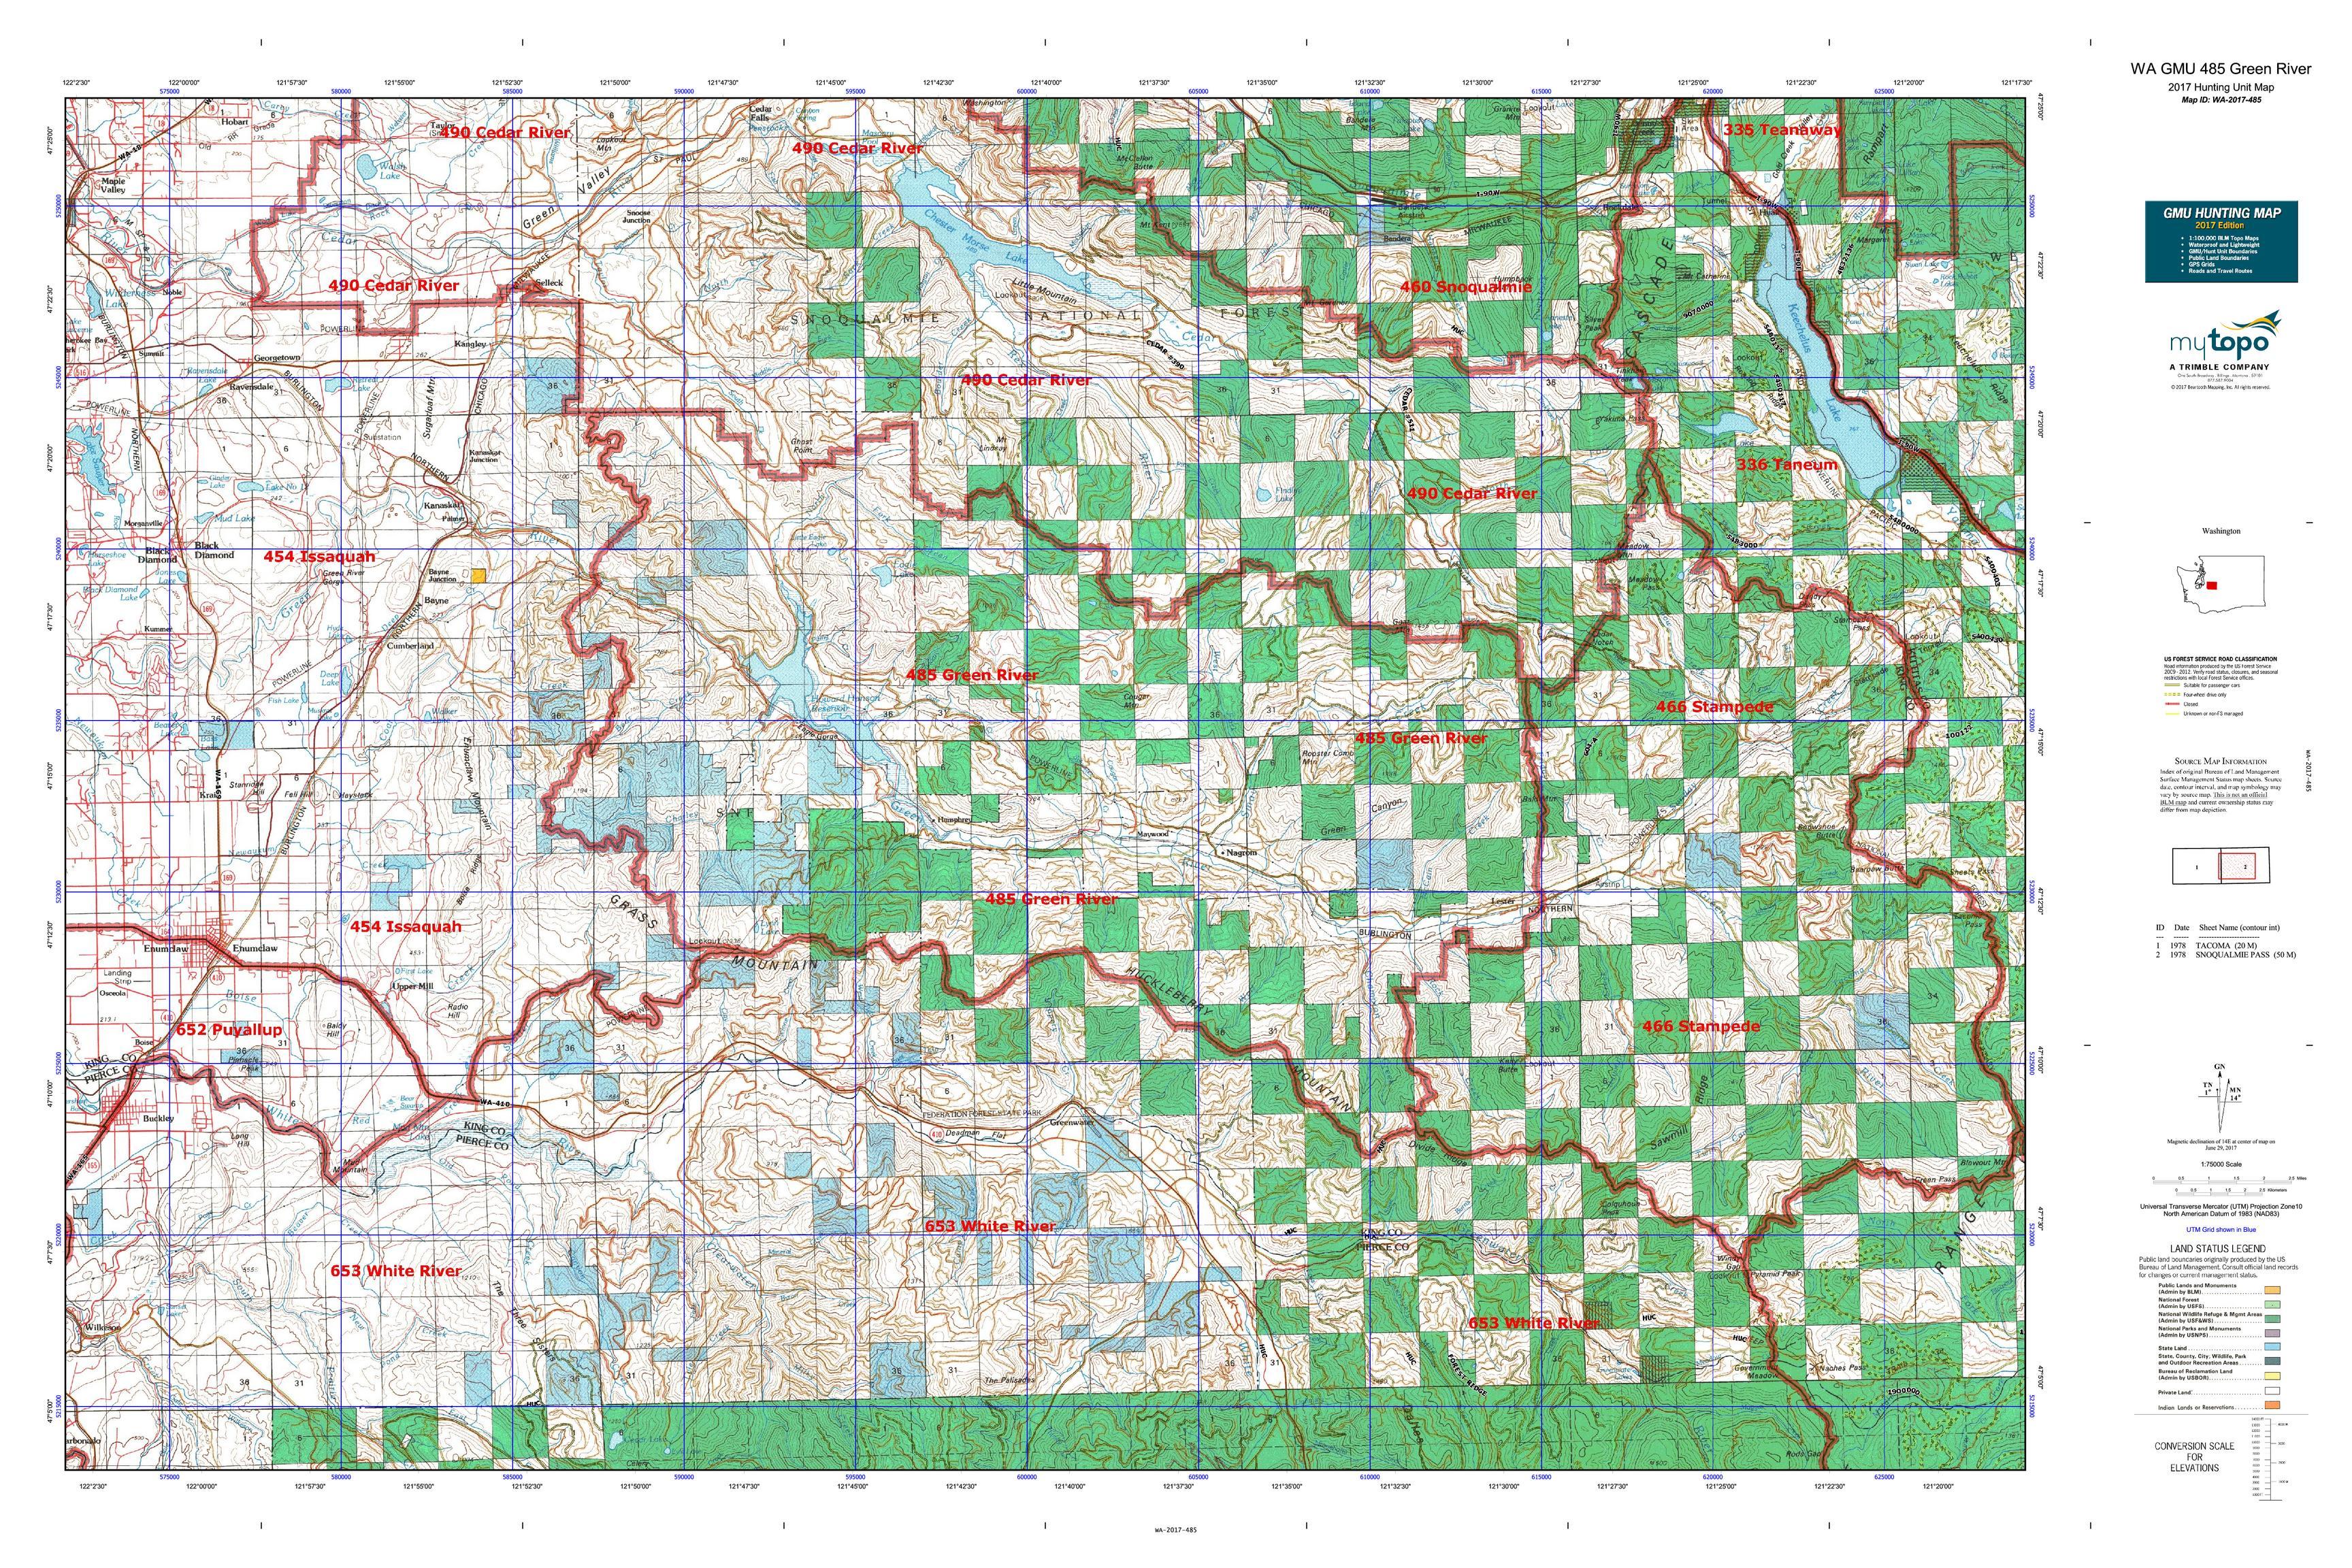 WA GMU 485 Green River Map  MyTopo